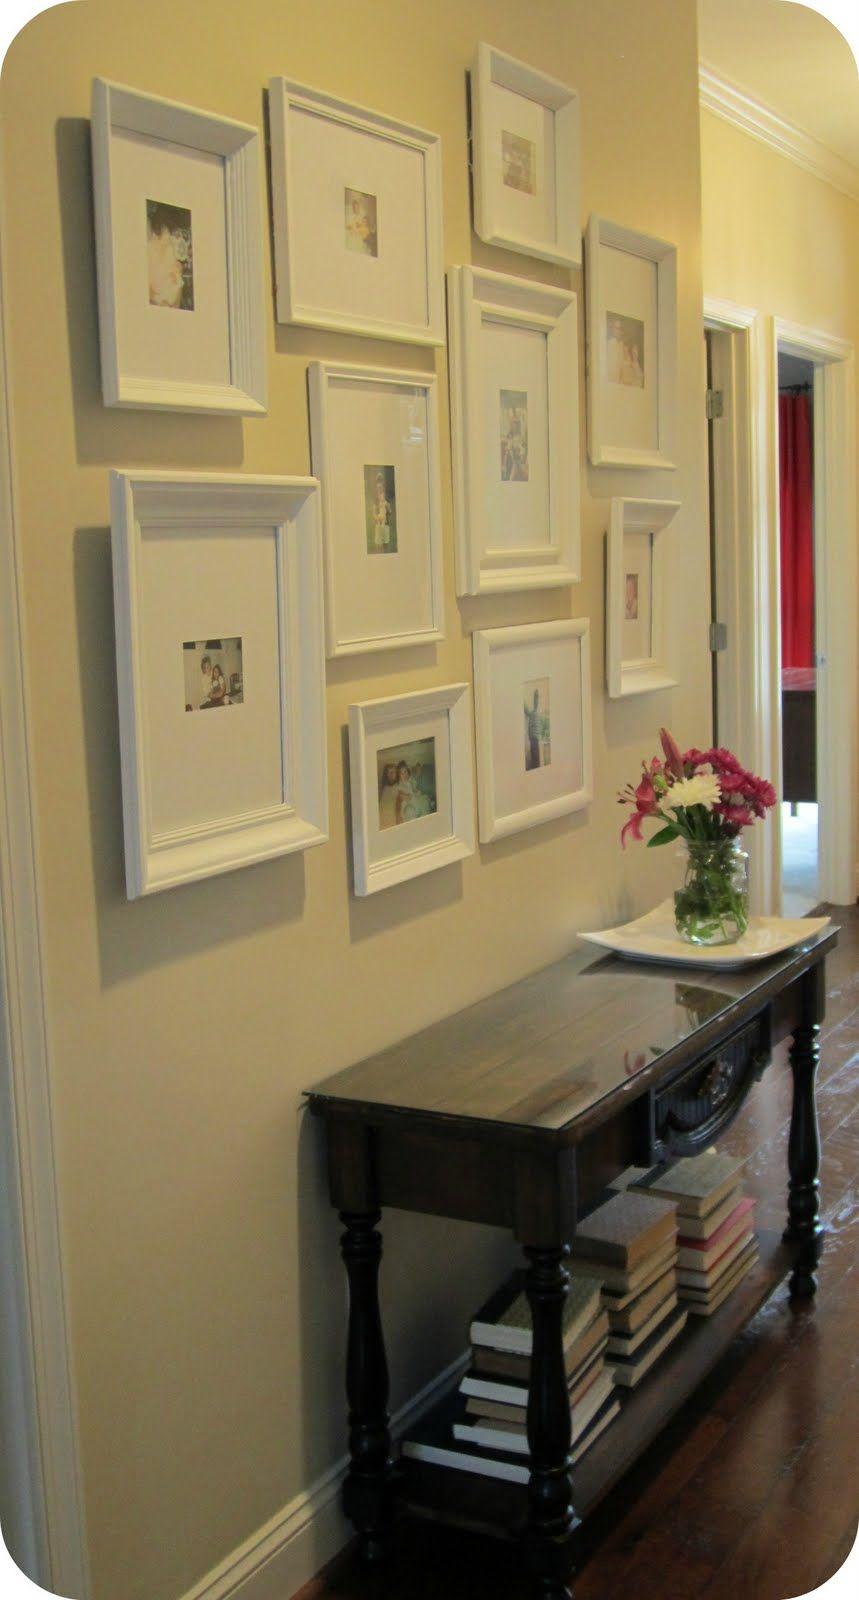 gallery wall for hall | Home | Pinterest | Bilderrahmen, Wände und Deko